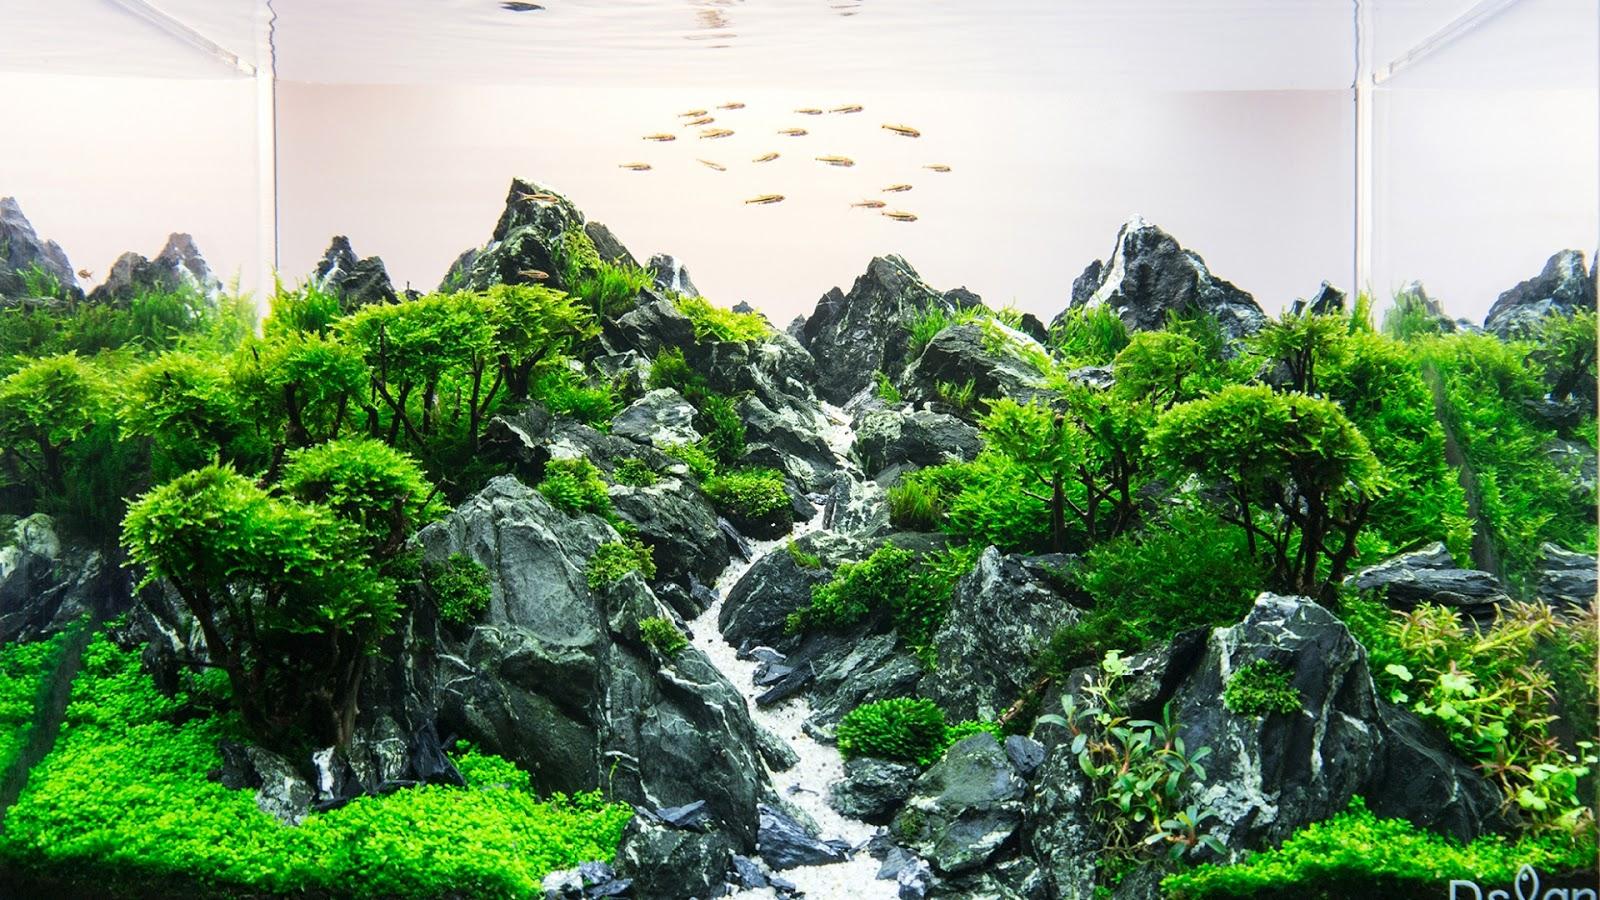 Một bố cục hồ thủy sinh ấn tượng dùng lũa xương làm tán cây